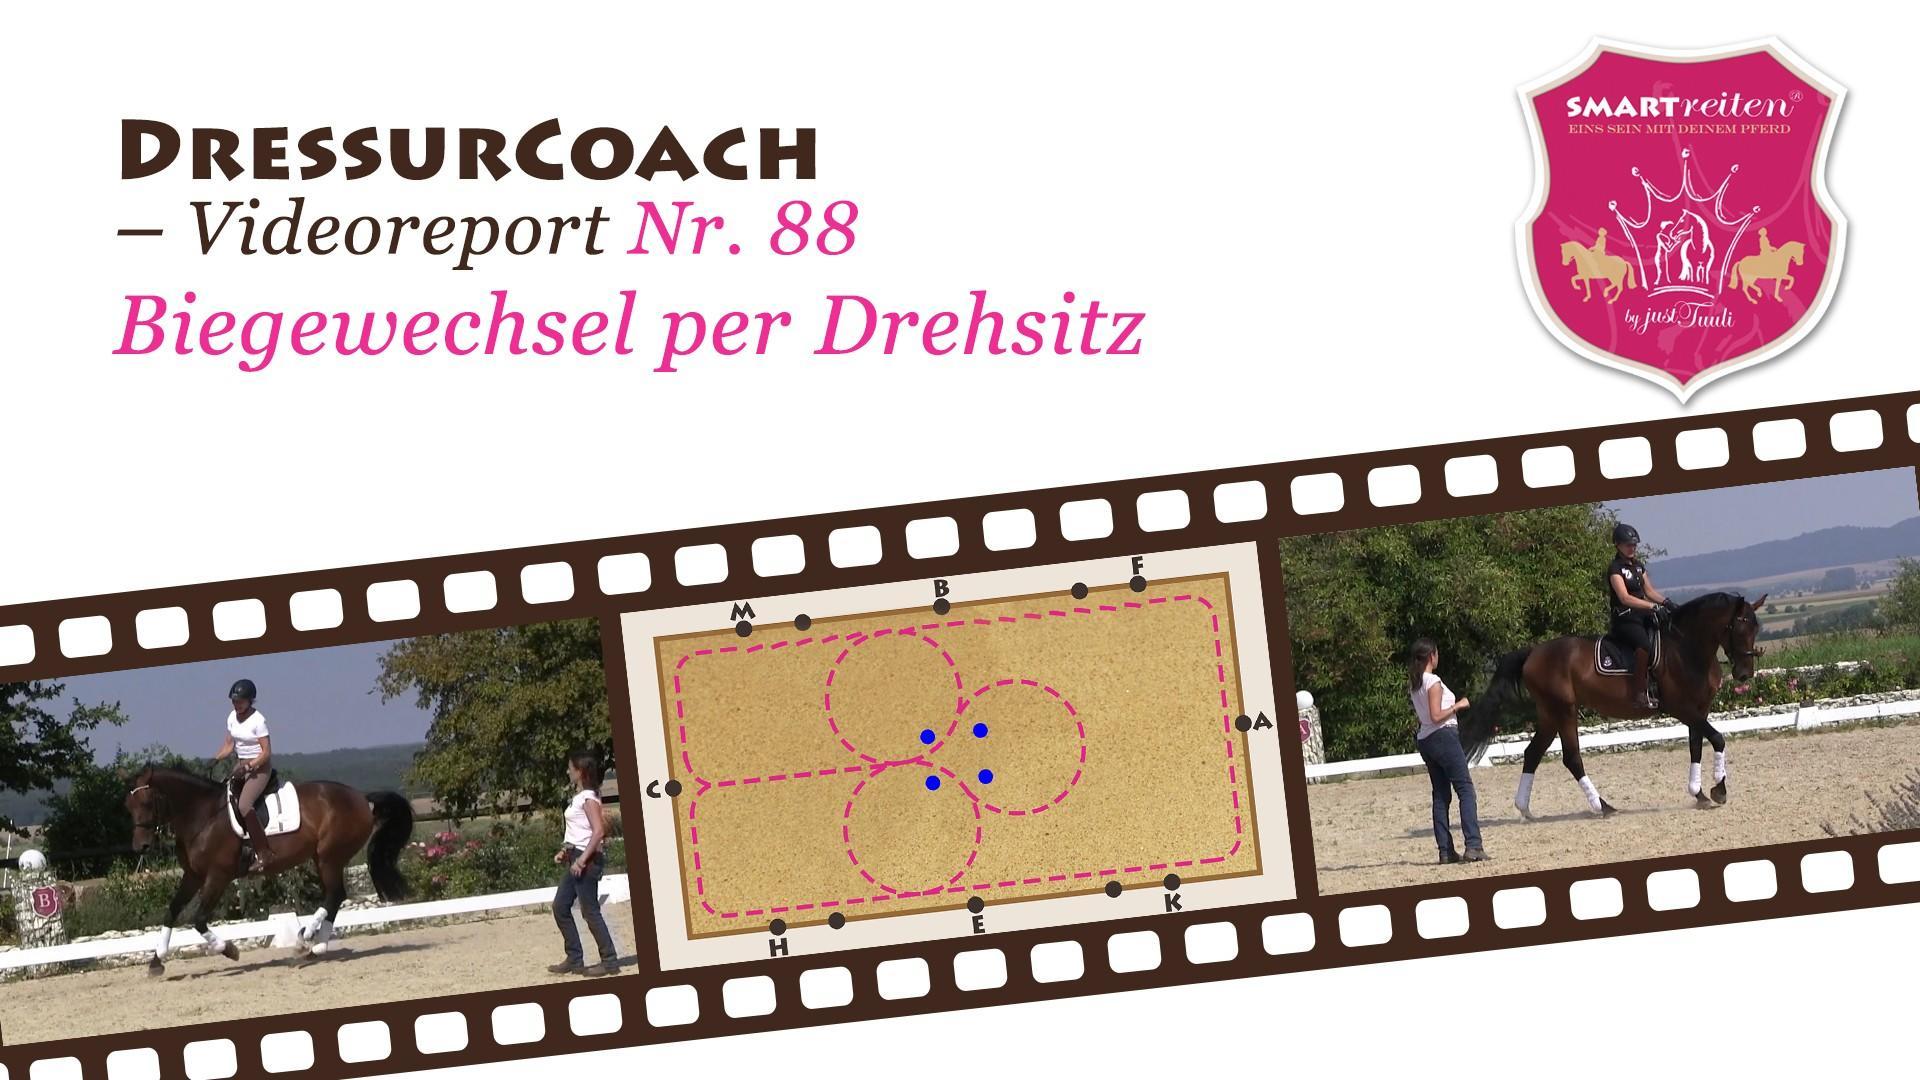 Biegewechsel per Drehsitz